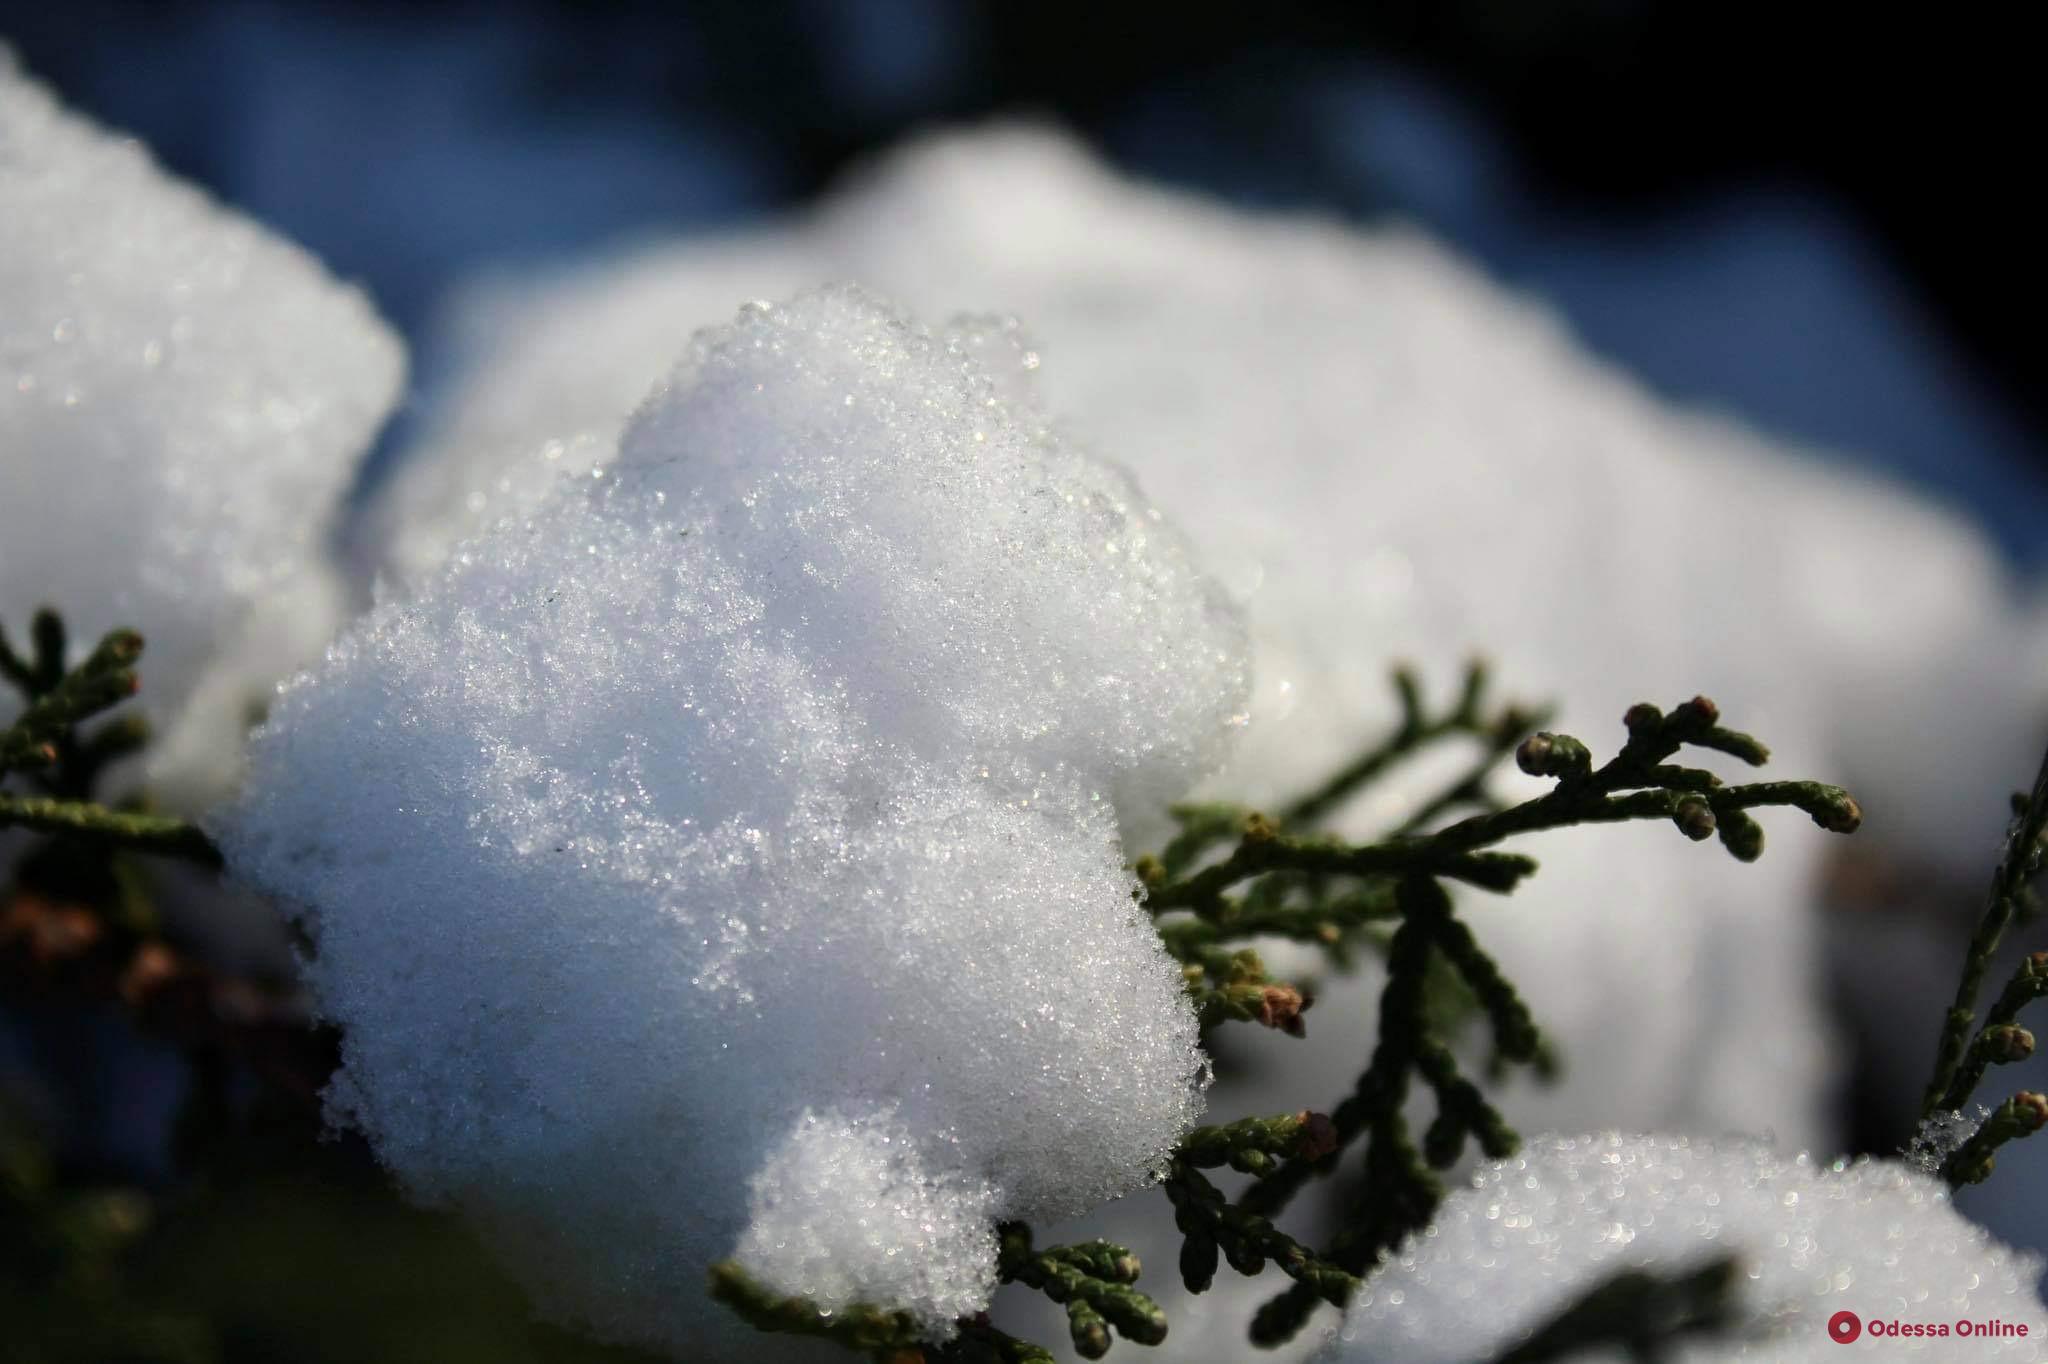 О погоде: днем 17 января в Одессе ожидается 7-9 °С мороза